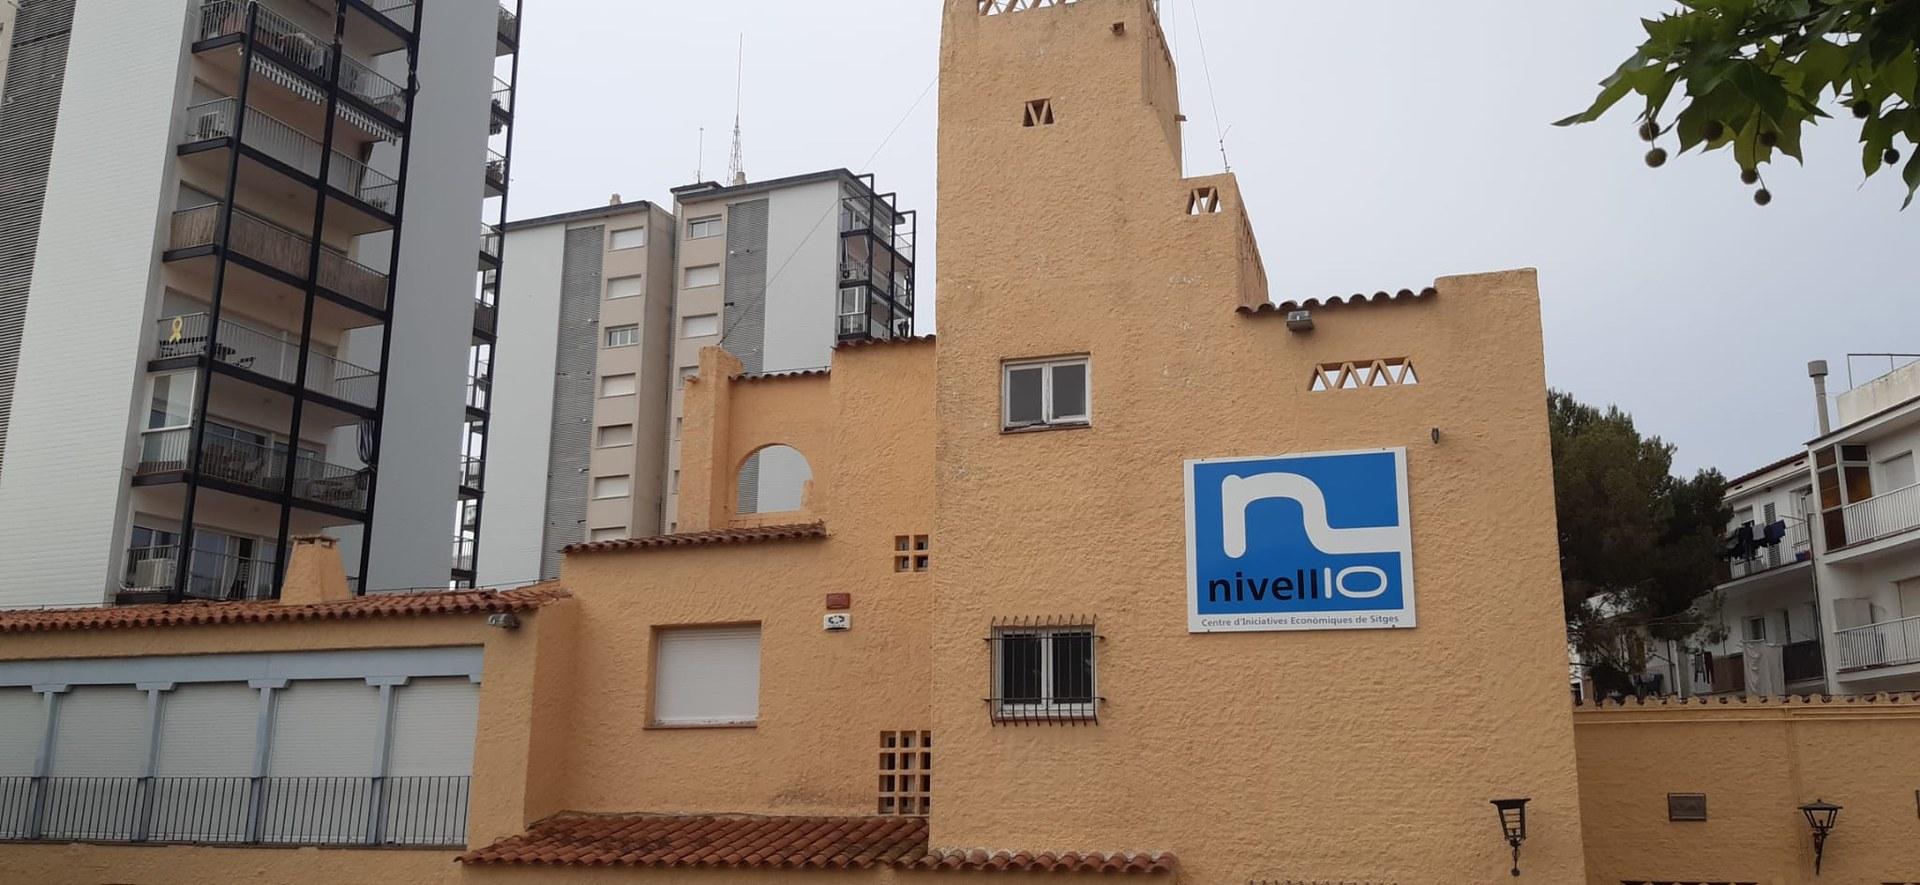 Més de 400 empreses i autònoms sol·liciten algun dels ajuts econòmics de l'Ajuntament de Sitges